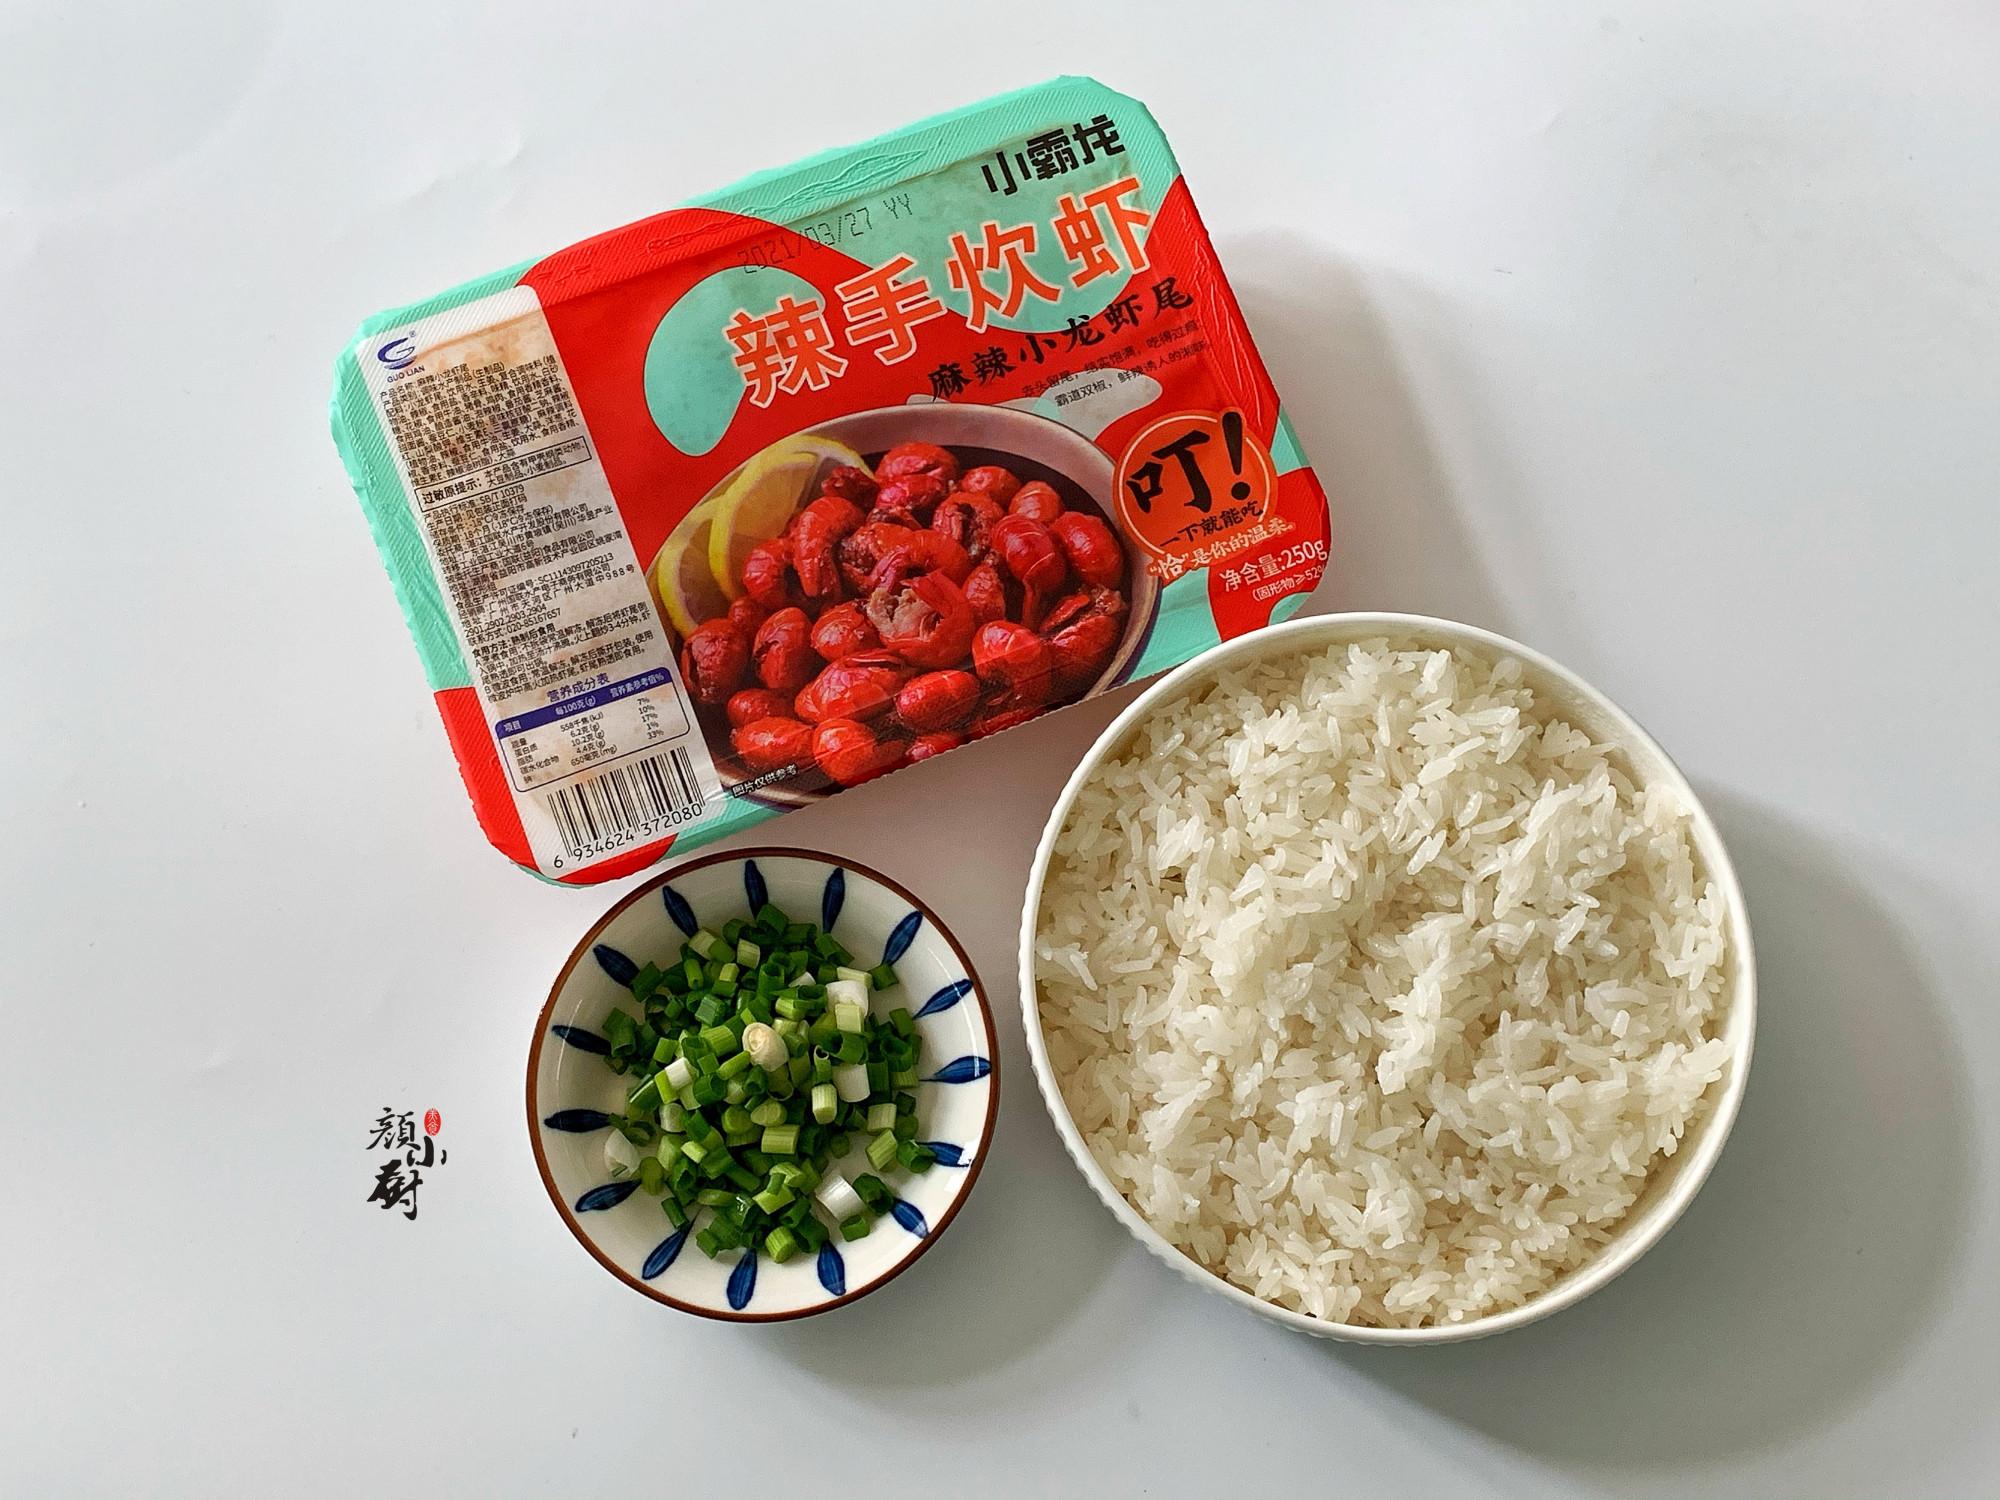 4月最馋这肉,煮一煮5分钟就好,鲜到流口水,好吃停不下筷子 美食做法 第4张